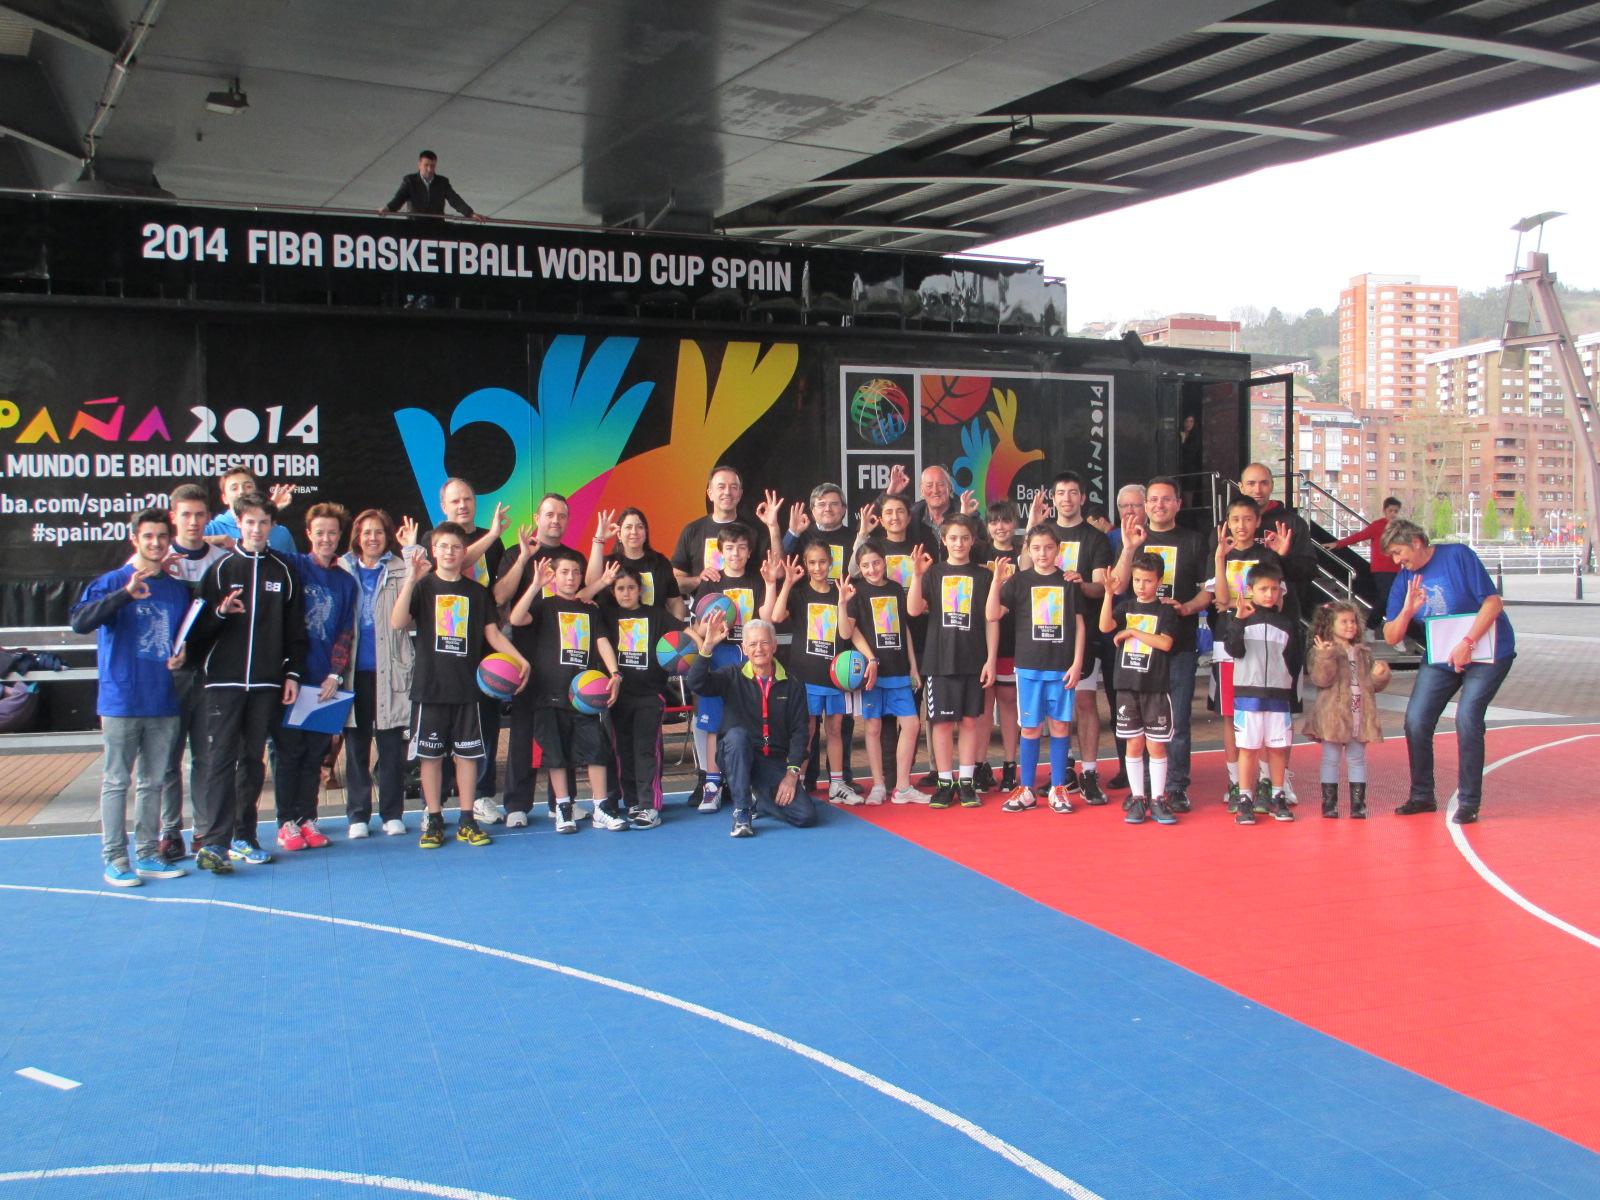 El FIBA BASKETBALL ROAD SHOW ha llegado a Bilbao